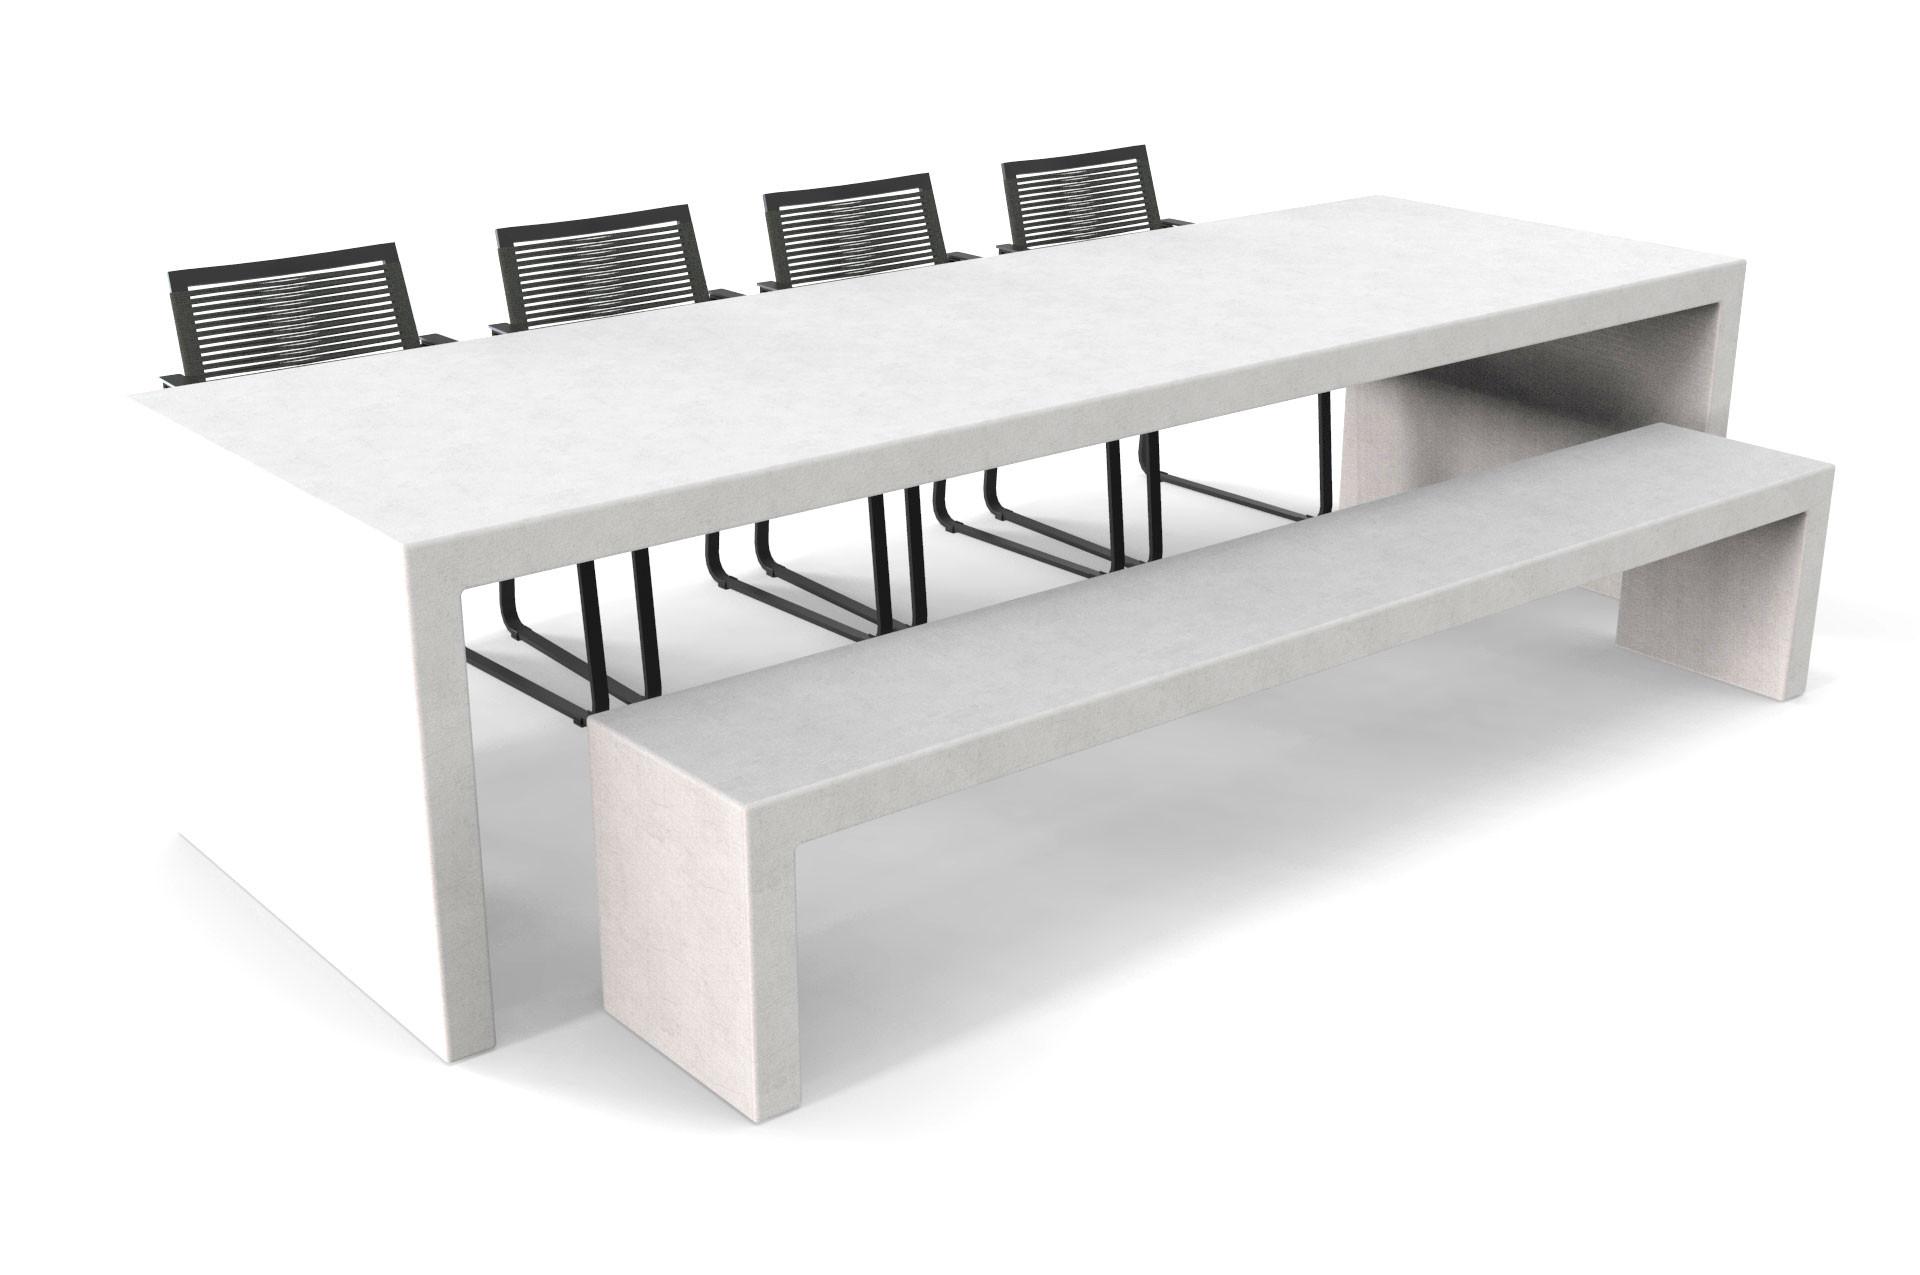 Witte betonlook tafel Lars met bank en stoelen